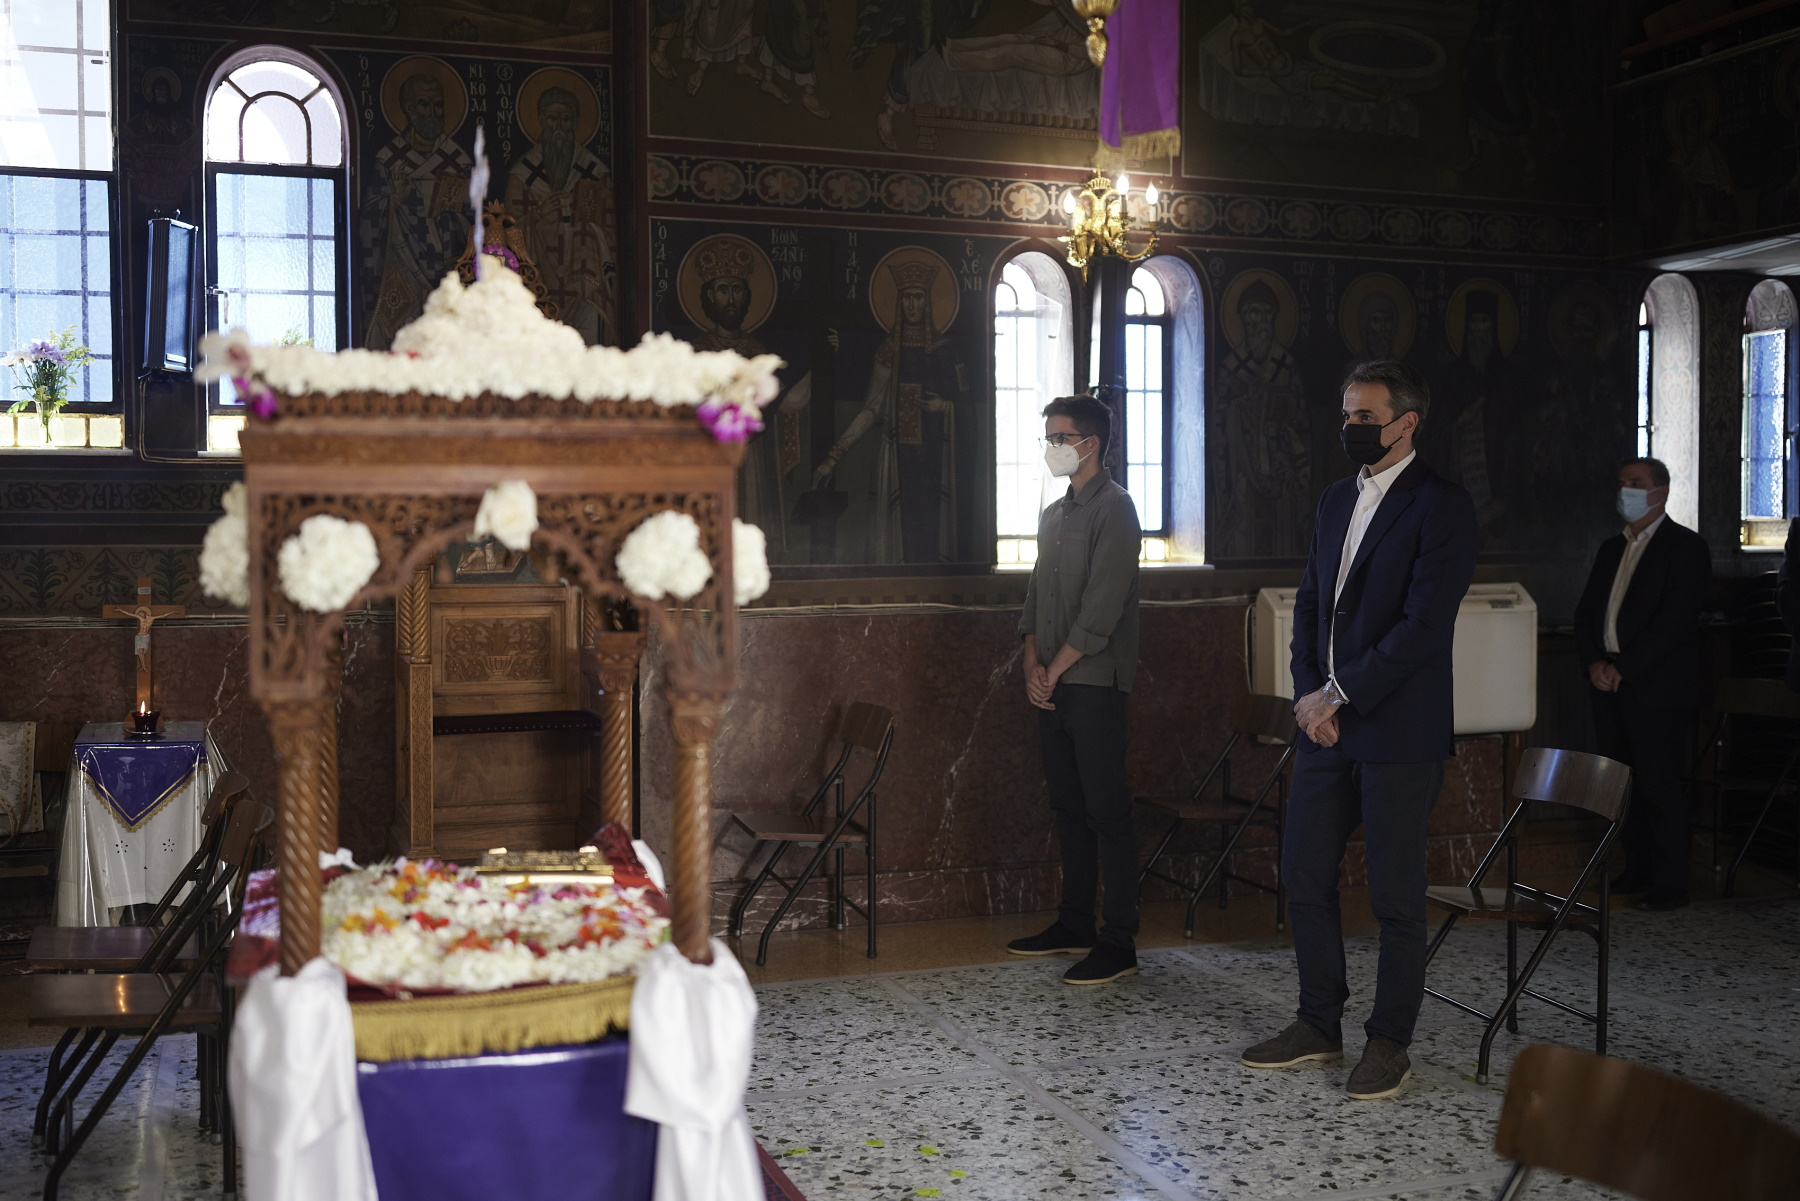 Ο Μητσοτάκης με τον γιο του Κωνσταντίνο στον Επιτάφιο του Ιπποκράτειου νοσοκομείου (pics)